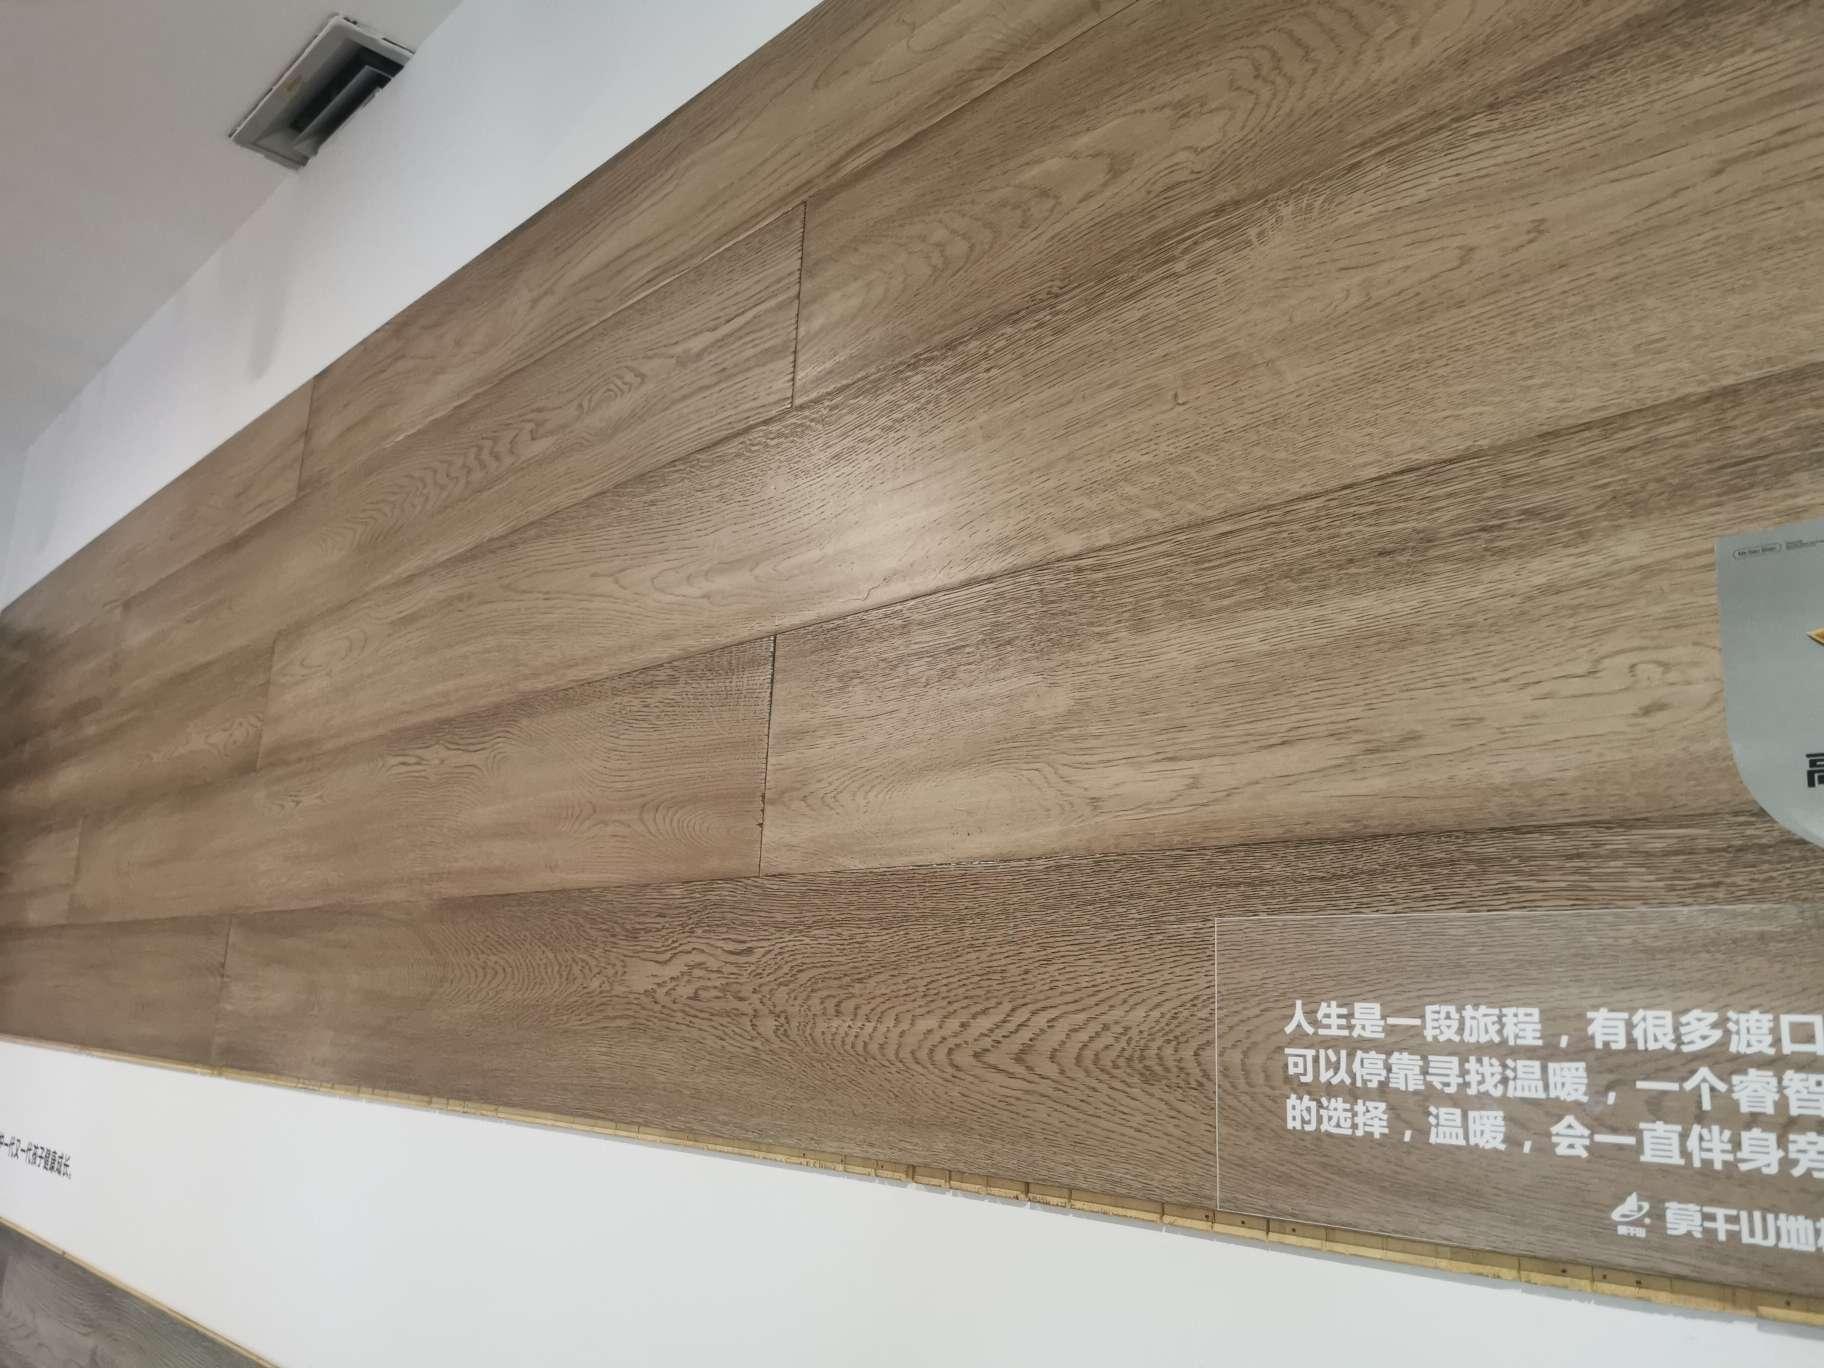 莫干山三层实木地板欧像极简轻奢风家用木地板:彼岸骄子04一2